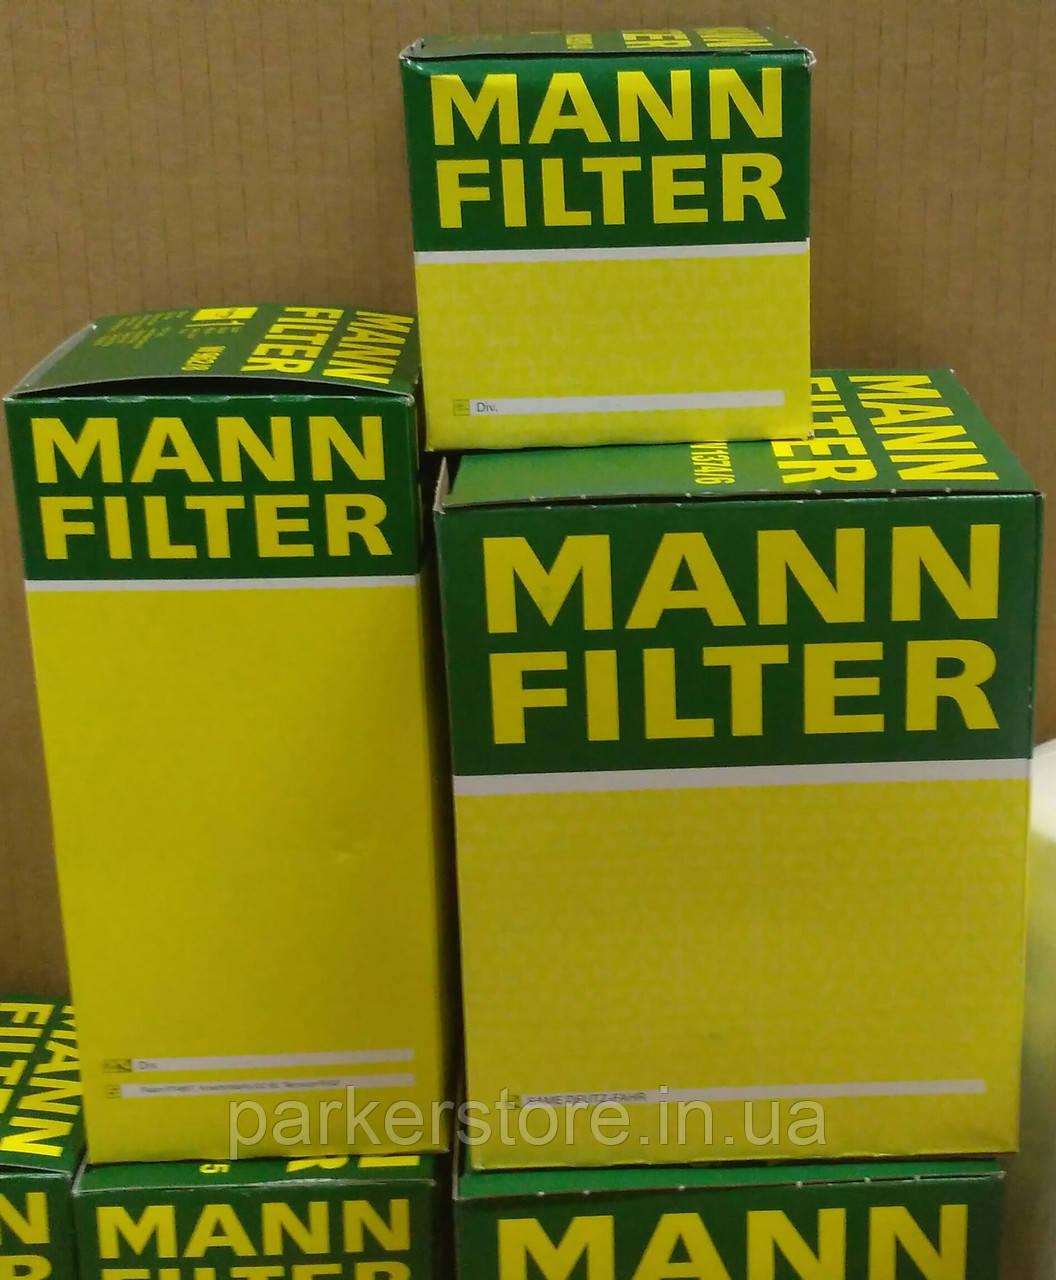 MANN FILTER / Повітряний фільтр / C 1699 / C1699